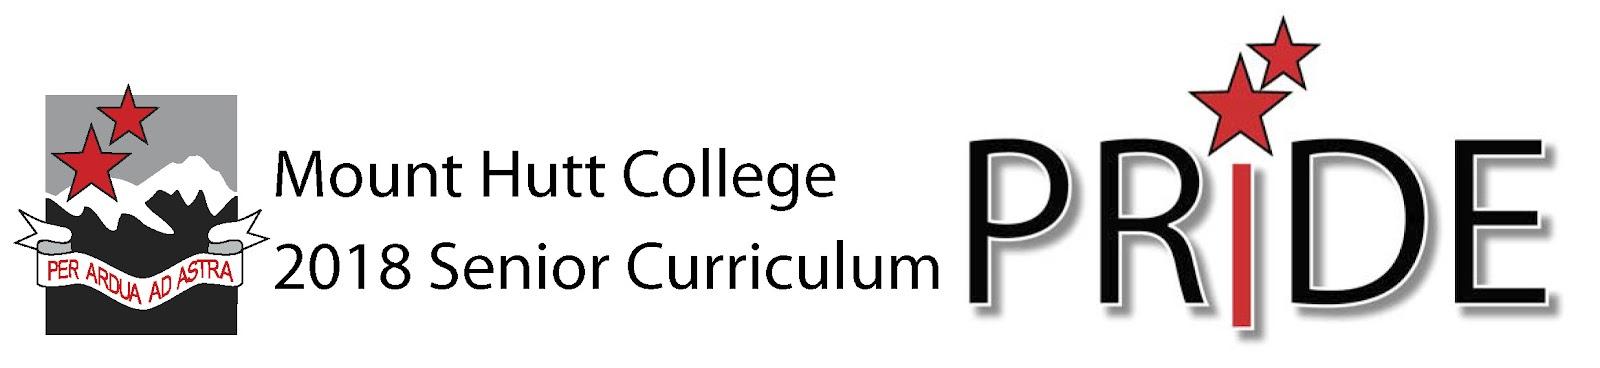 Coursebook-banner-2018.jpg